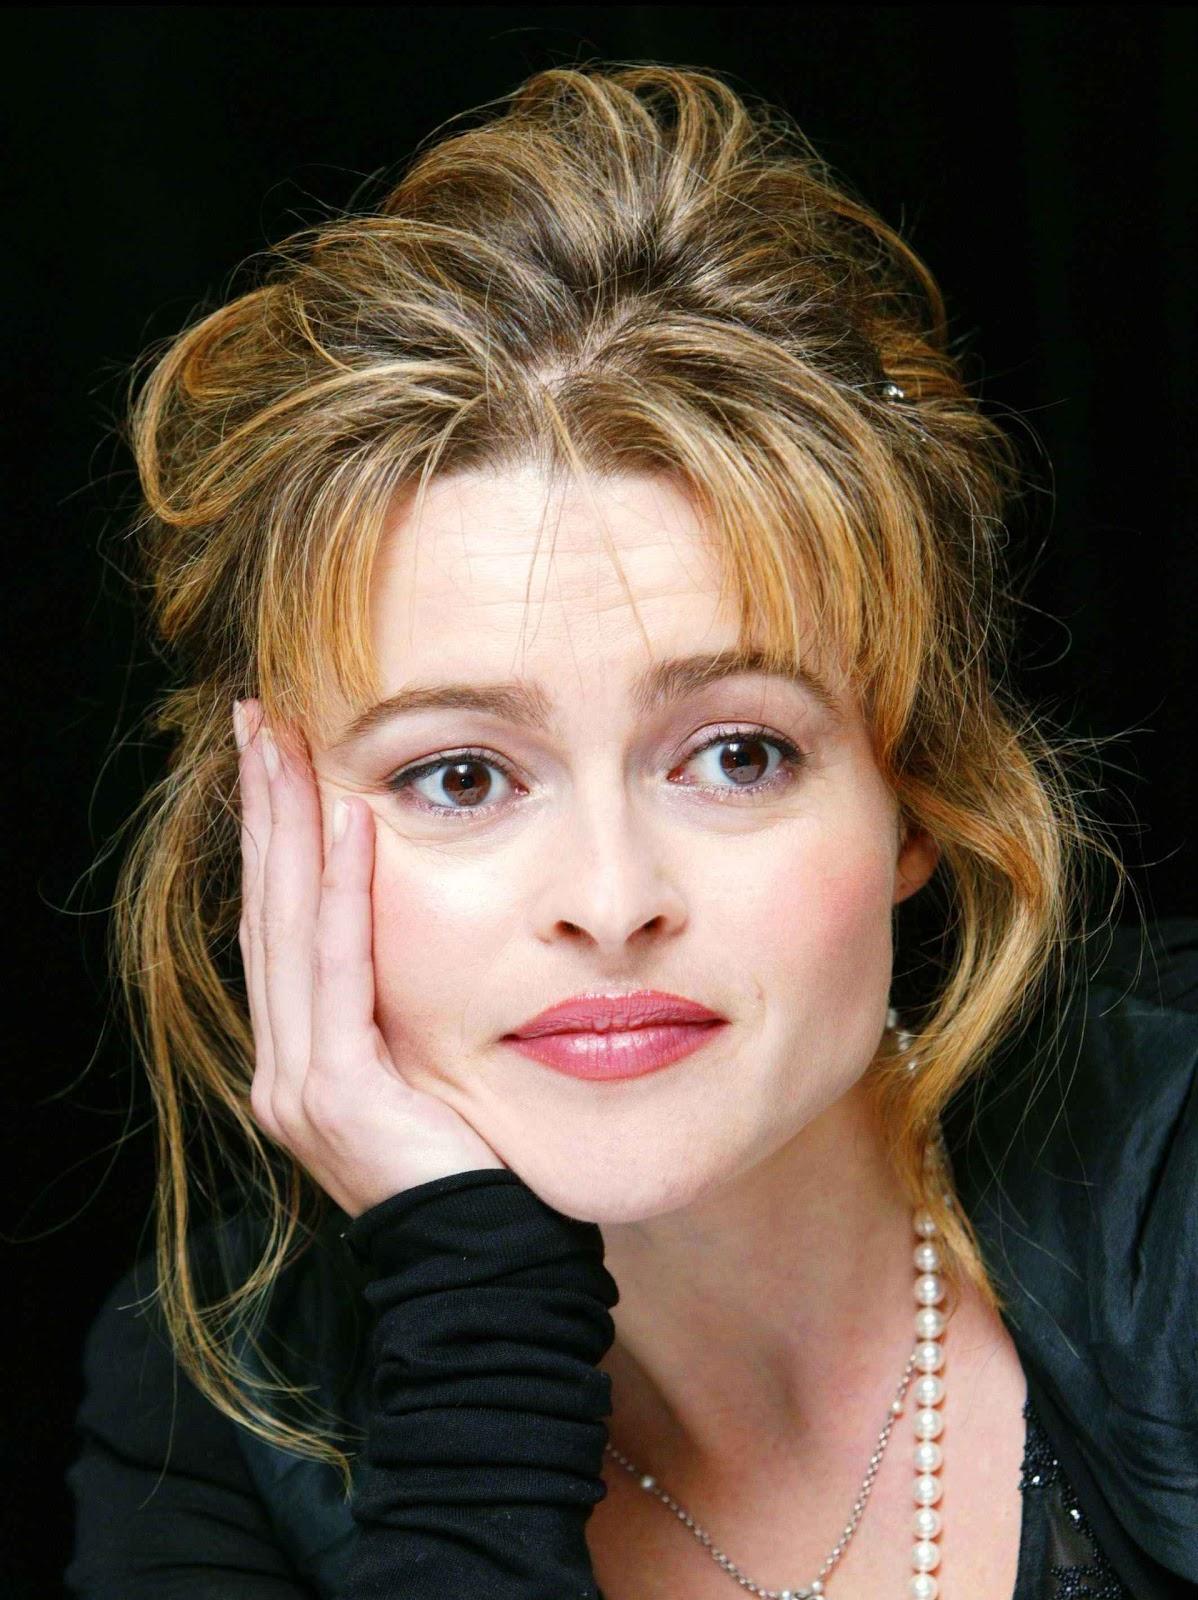 http://4.bp.blogspot.com/-53Y8YtMEibM/T8CmLlwnhJI/AAAAAAAAAUo/iKgjO_dfur8/s1600/Helena-Bonham-Carter-14.jpg